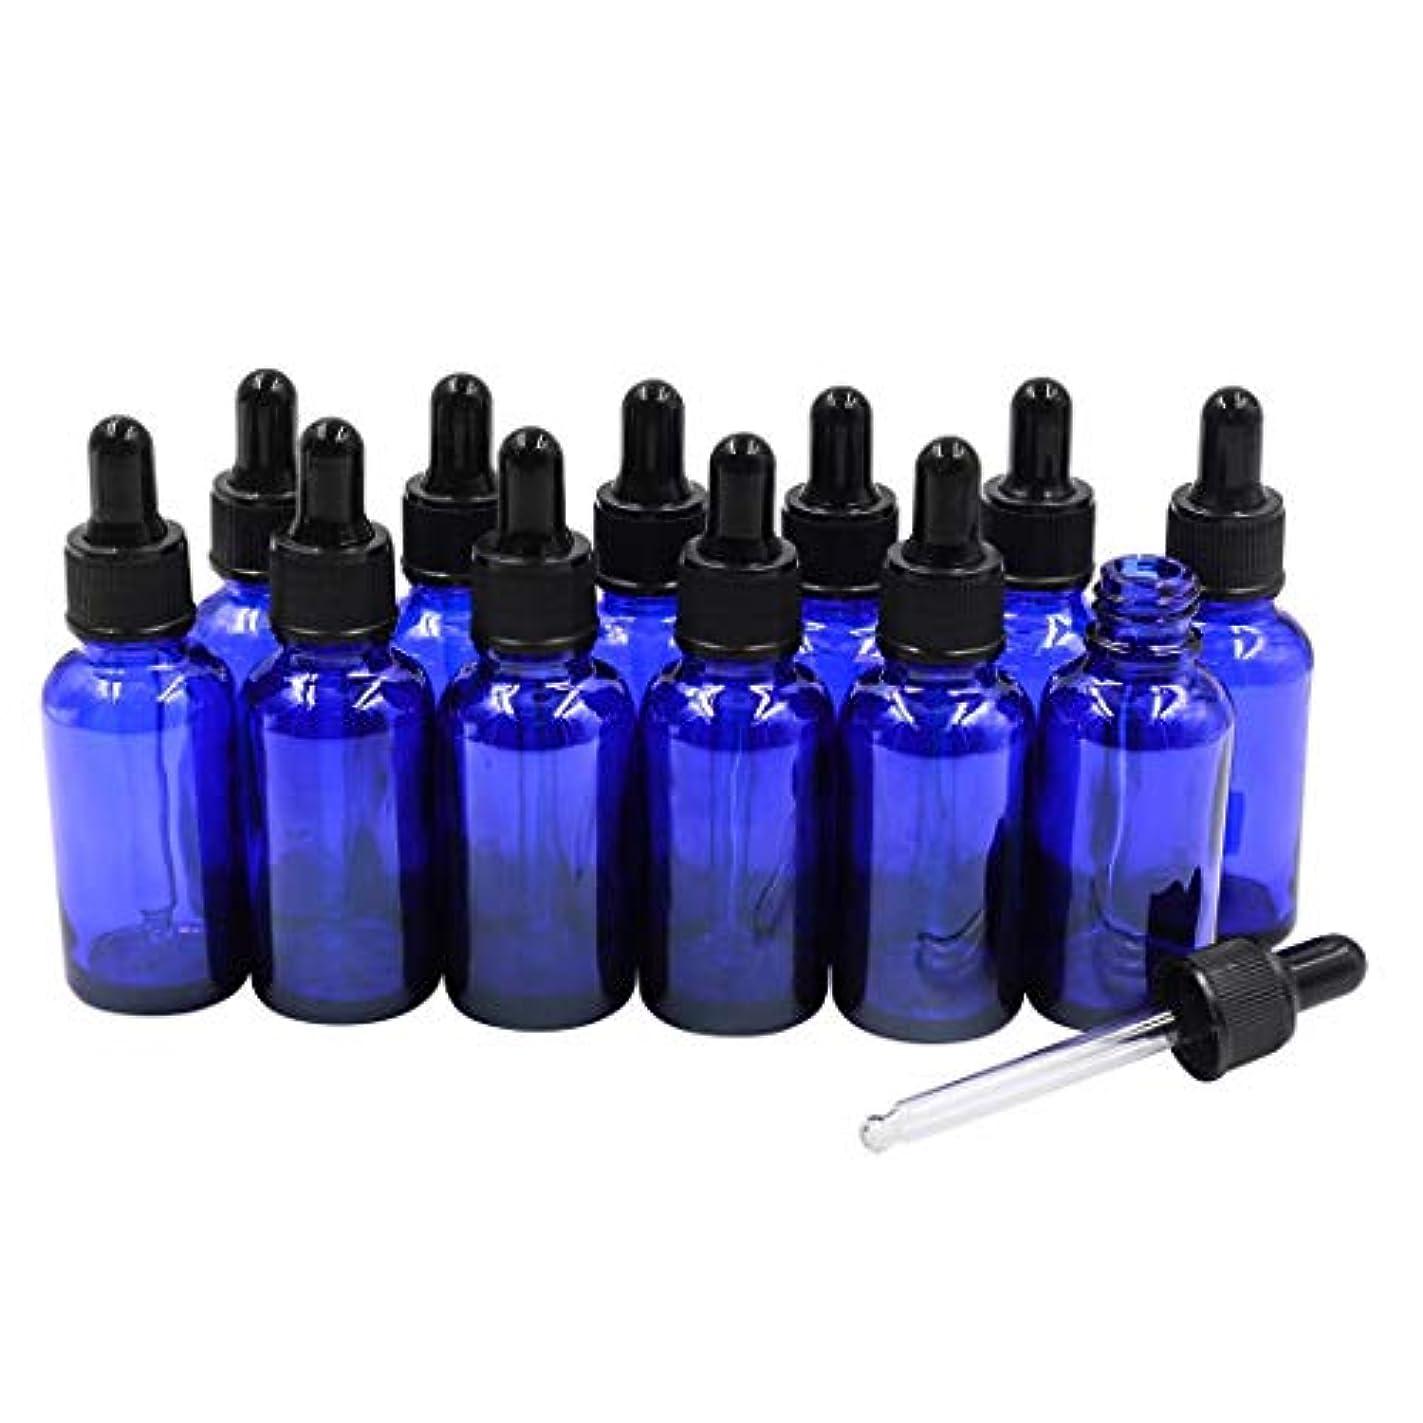 再発する研究出席する12本セット ブルースポイト遮光瓶 アロマオイル 精油 香水やアロマの保存 小分け用 遮光瓶